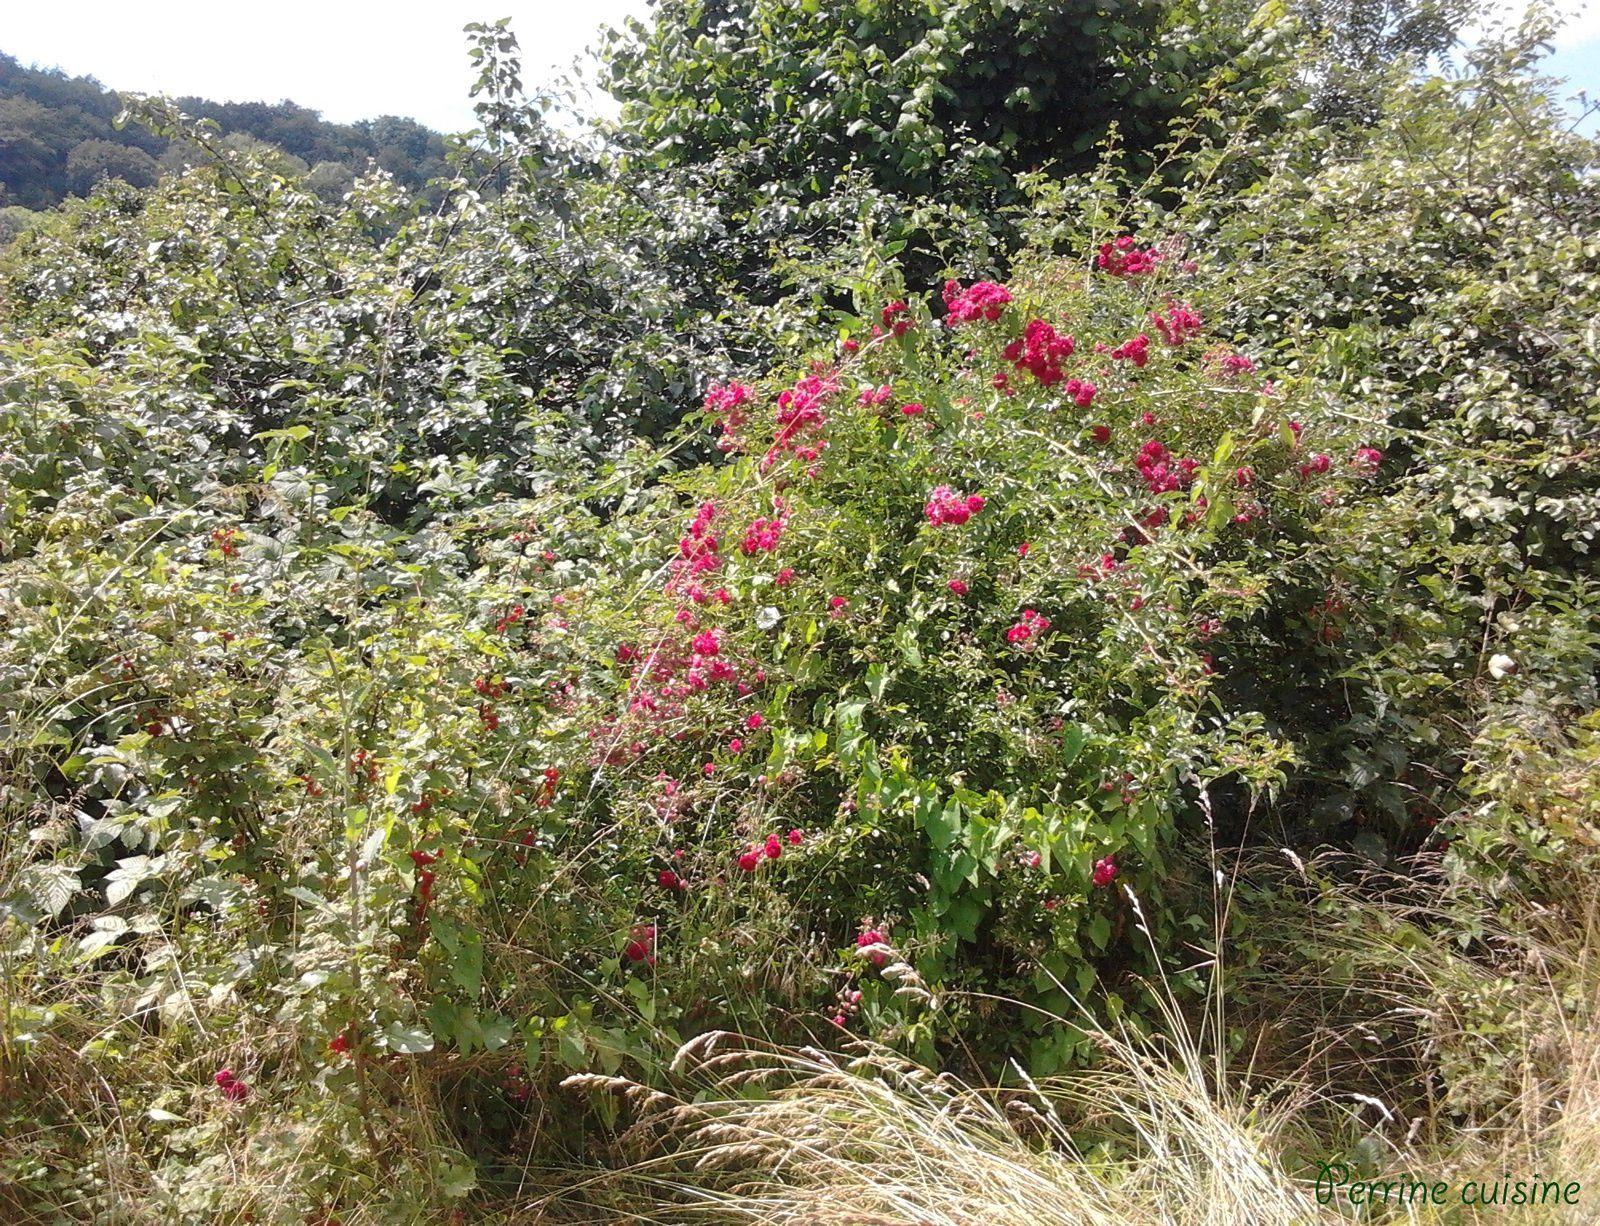 Dans le grand jardin de la maison familiale, les groseilliers se mélangent aux rosiers et aux framboisiers, une flore qu'il est bien temps de domestiquer! En attendant, on profite bien de tous les fruits...